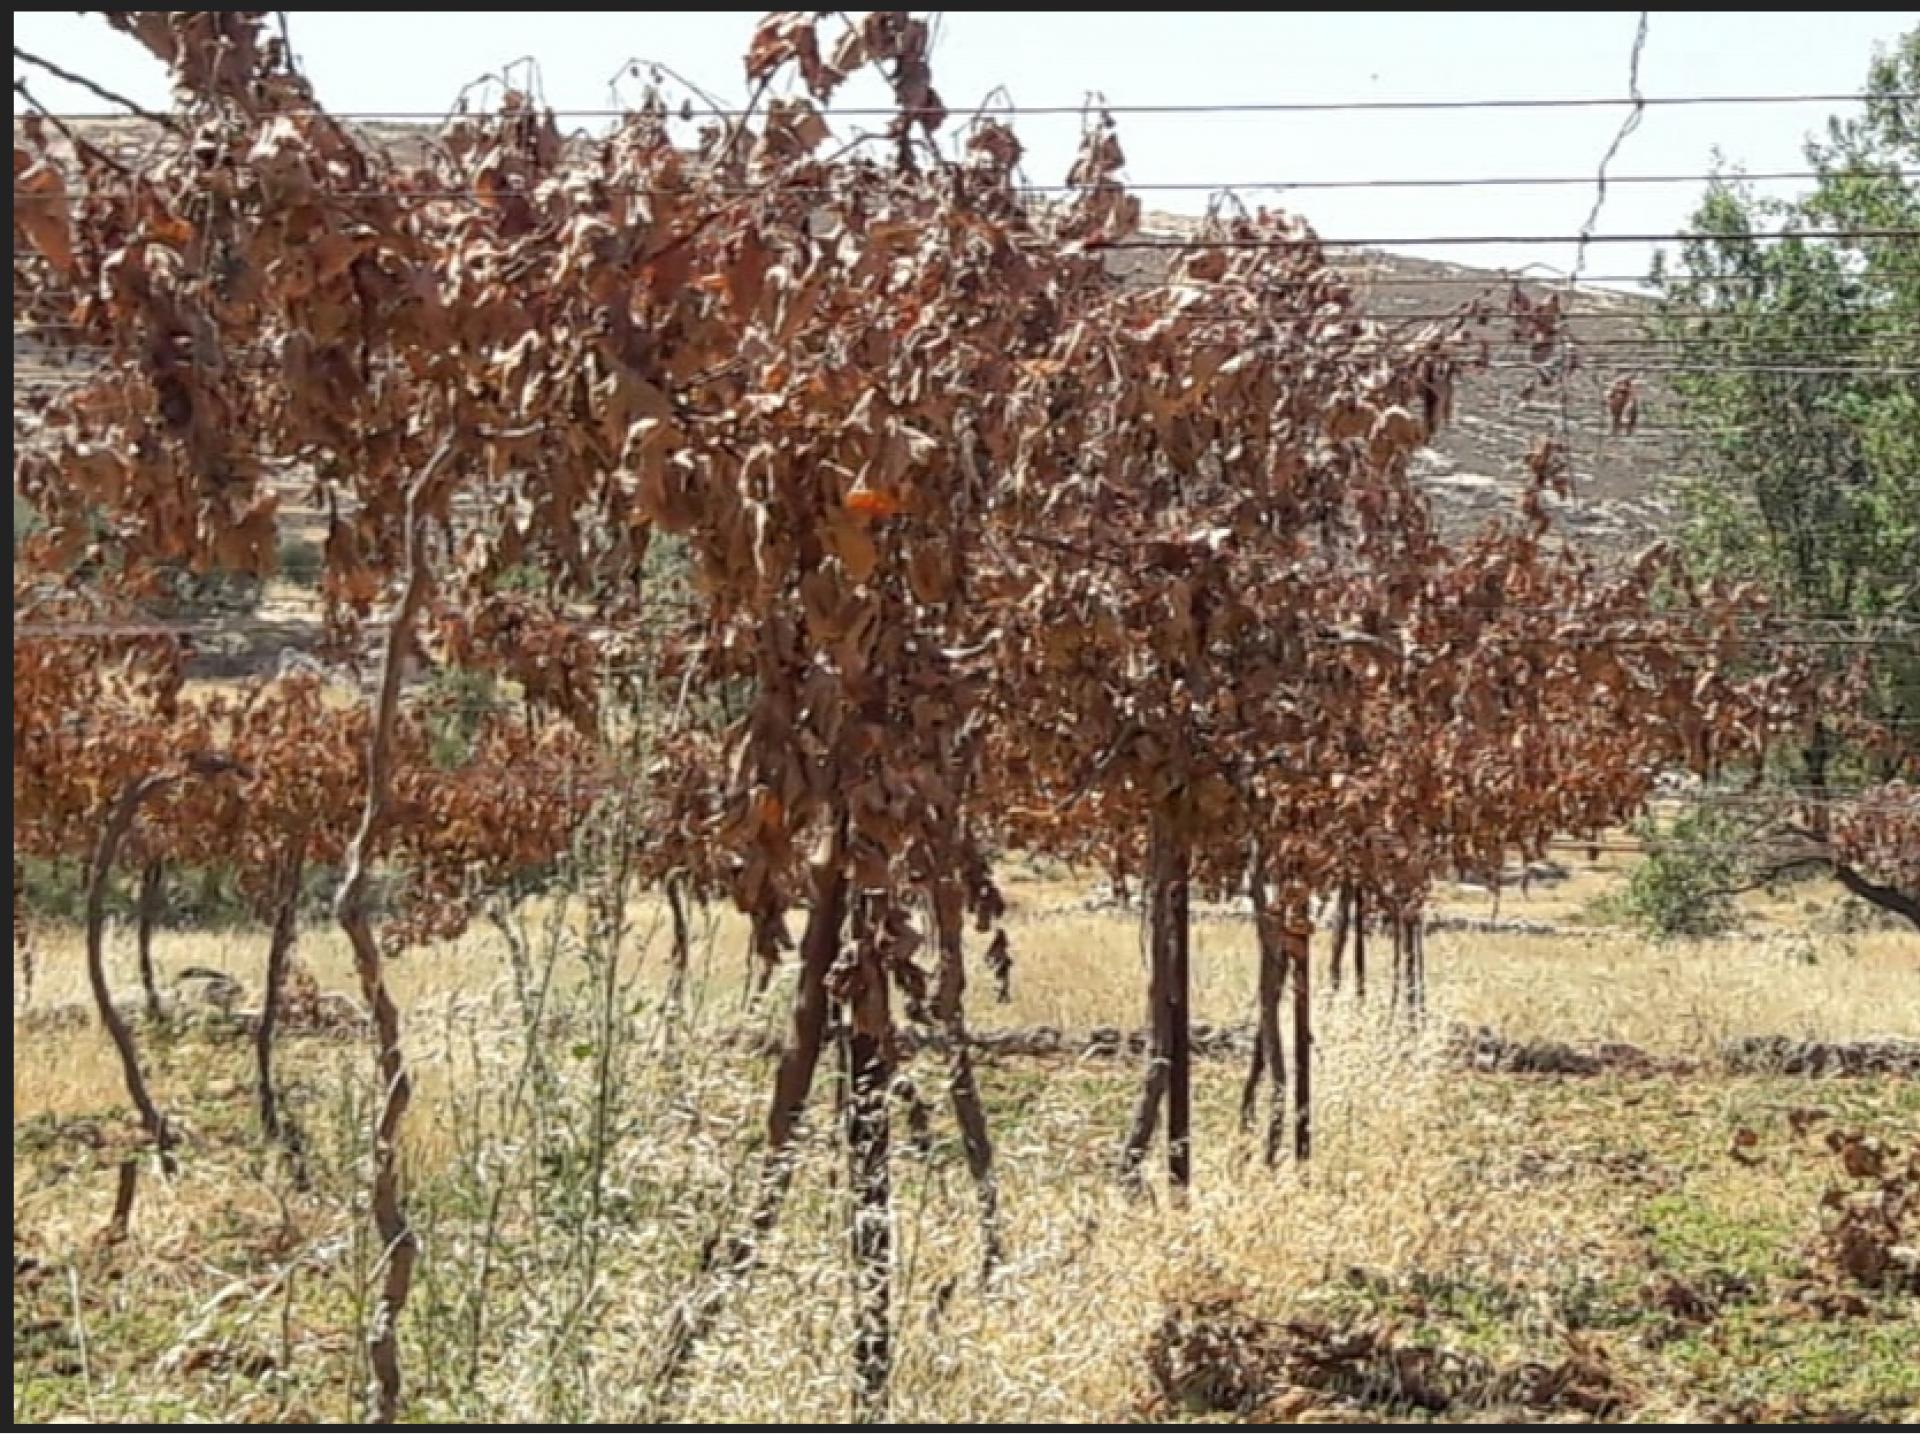 כרם הענבים של אבו נעים ימים אחרי שגדעו את כל גזעי הגפנים